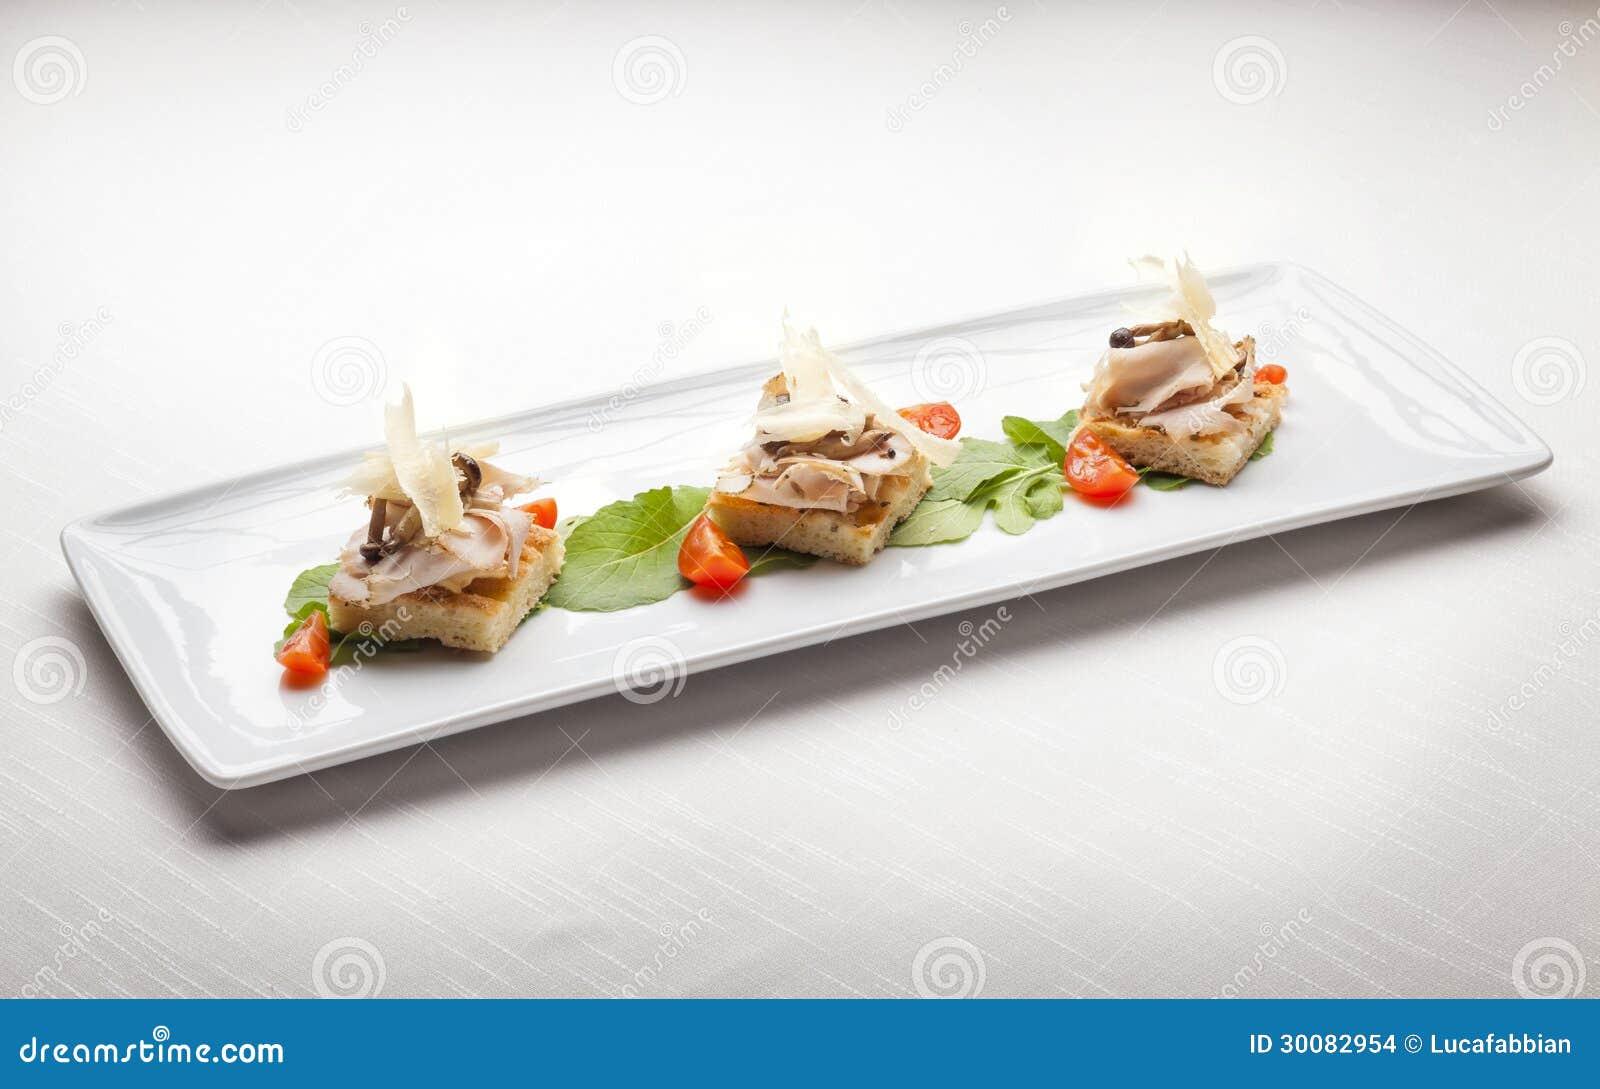 Crostini Di Focaccia Italian Fine Dining Appetizer Stock